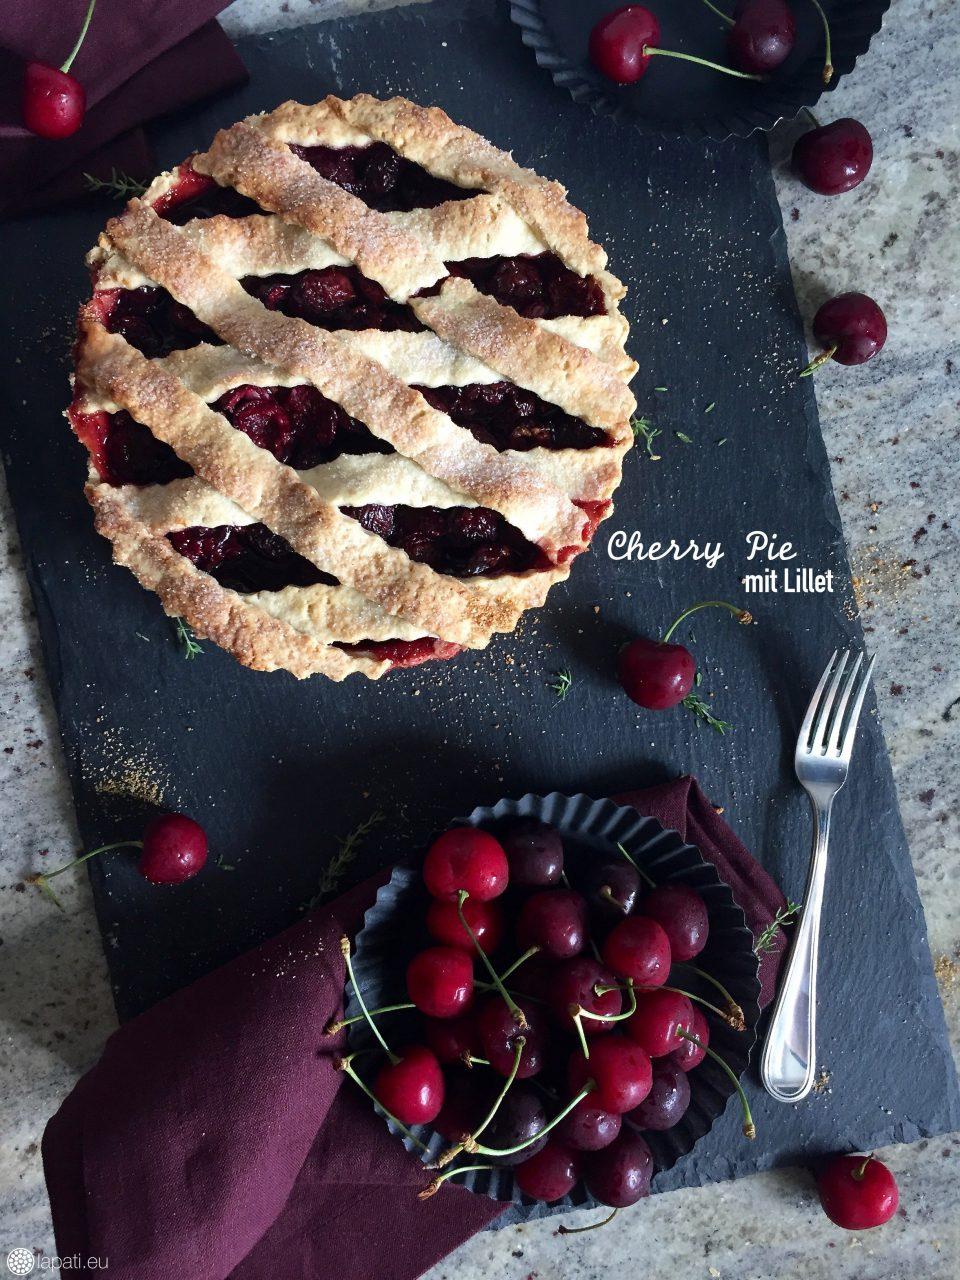 Frischer Cherry Pie auf der Theke, wenn der nicht gleich weg ist. Verfeinert mit einem Schuss Lillet.